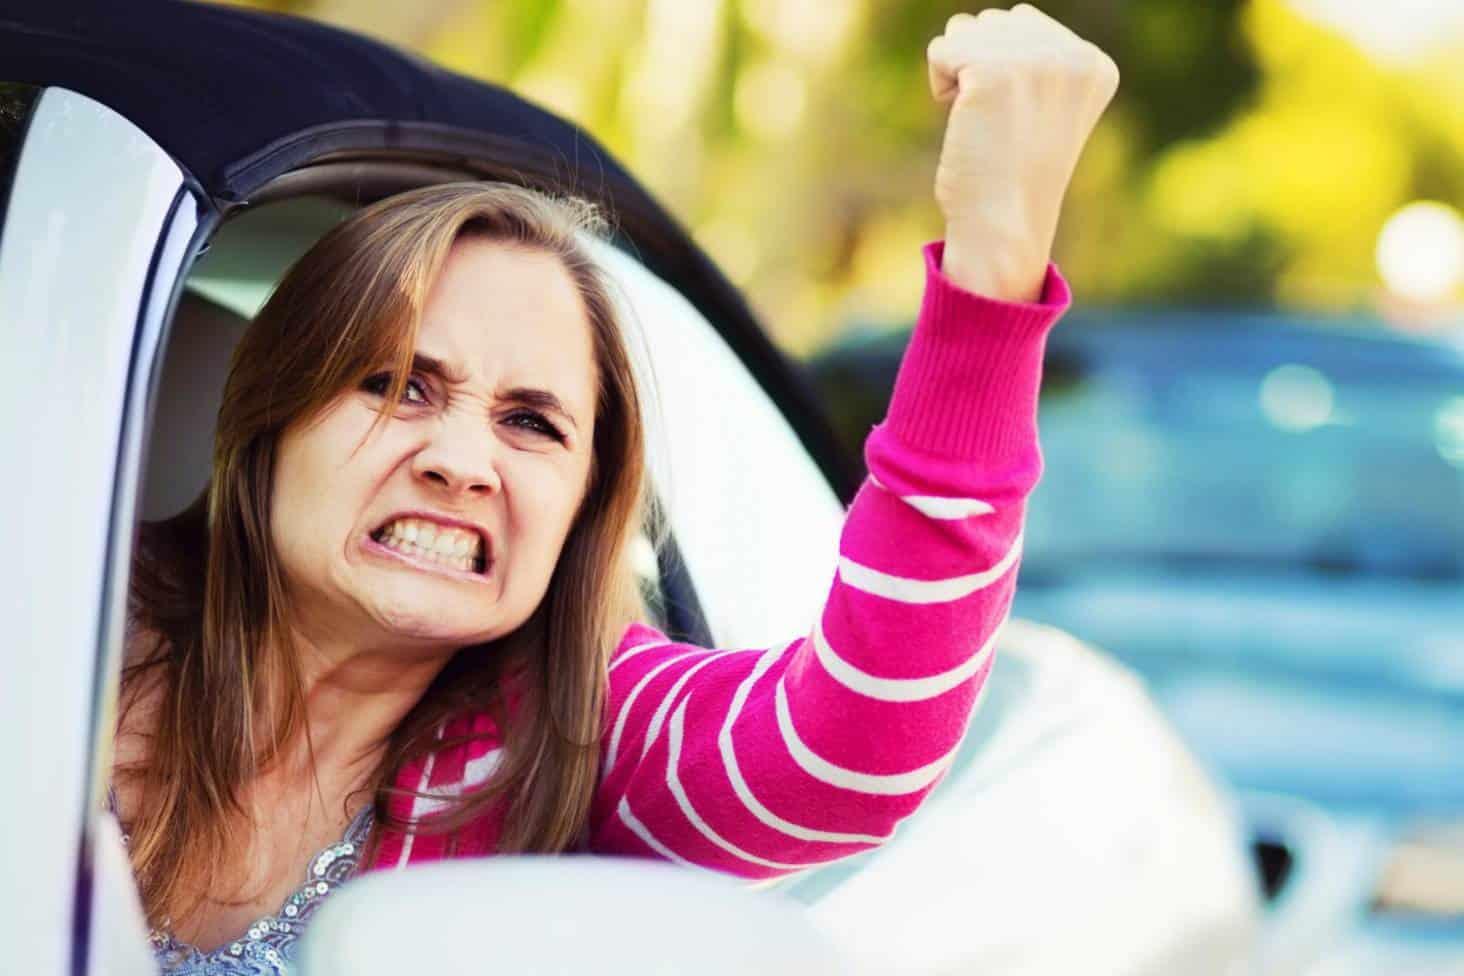 Исследование: почему женщины за рулем злятся сильнее, чем мужчины